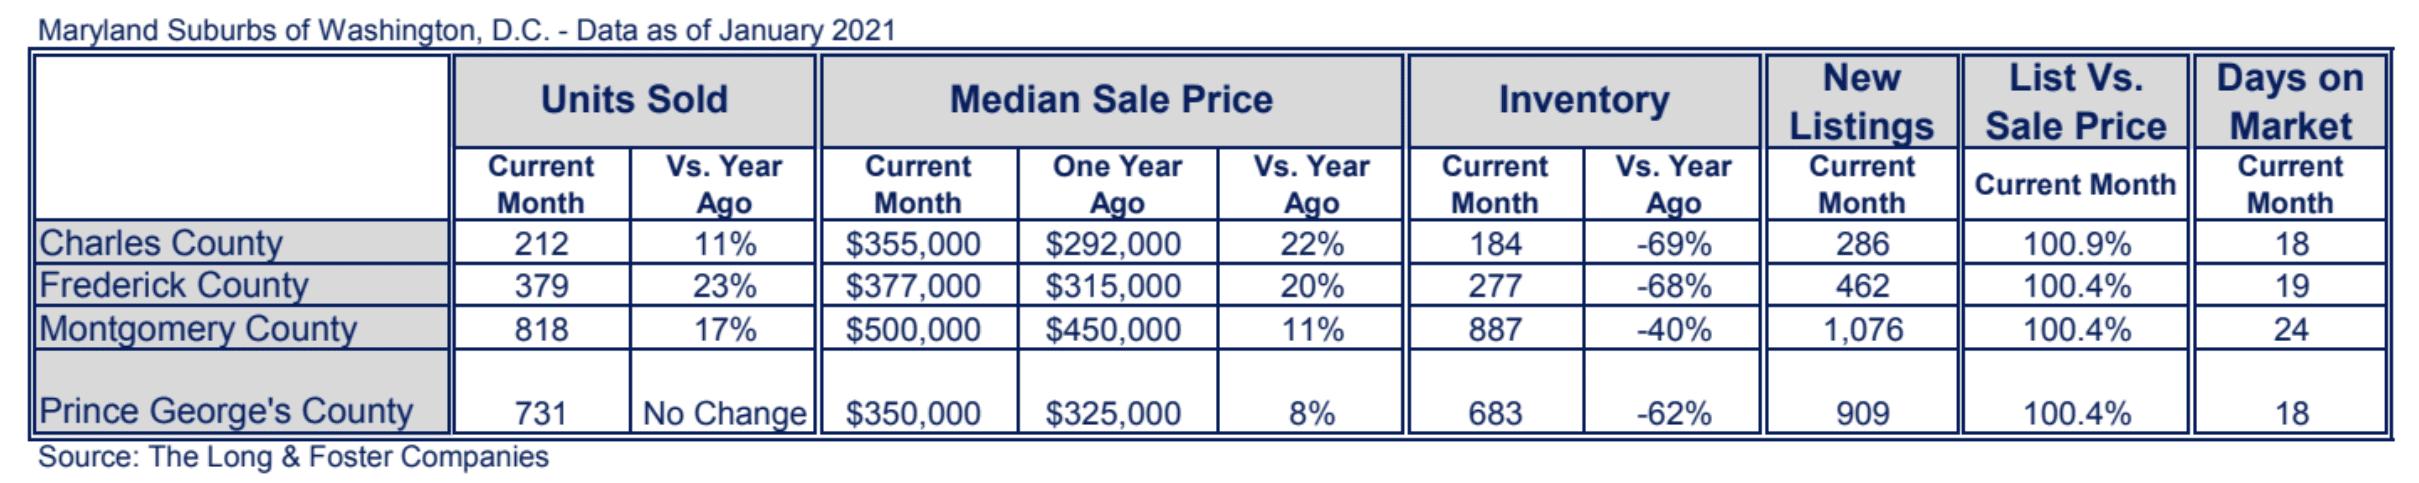 Maryland Suburbs Market Minute Chart January 2021